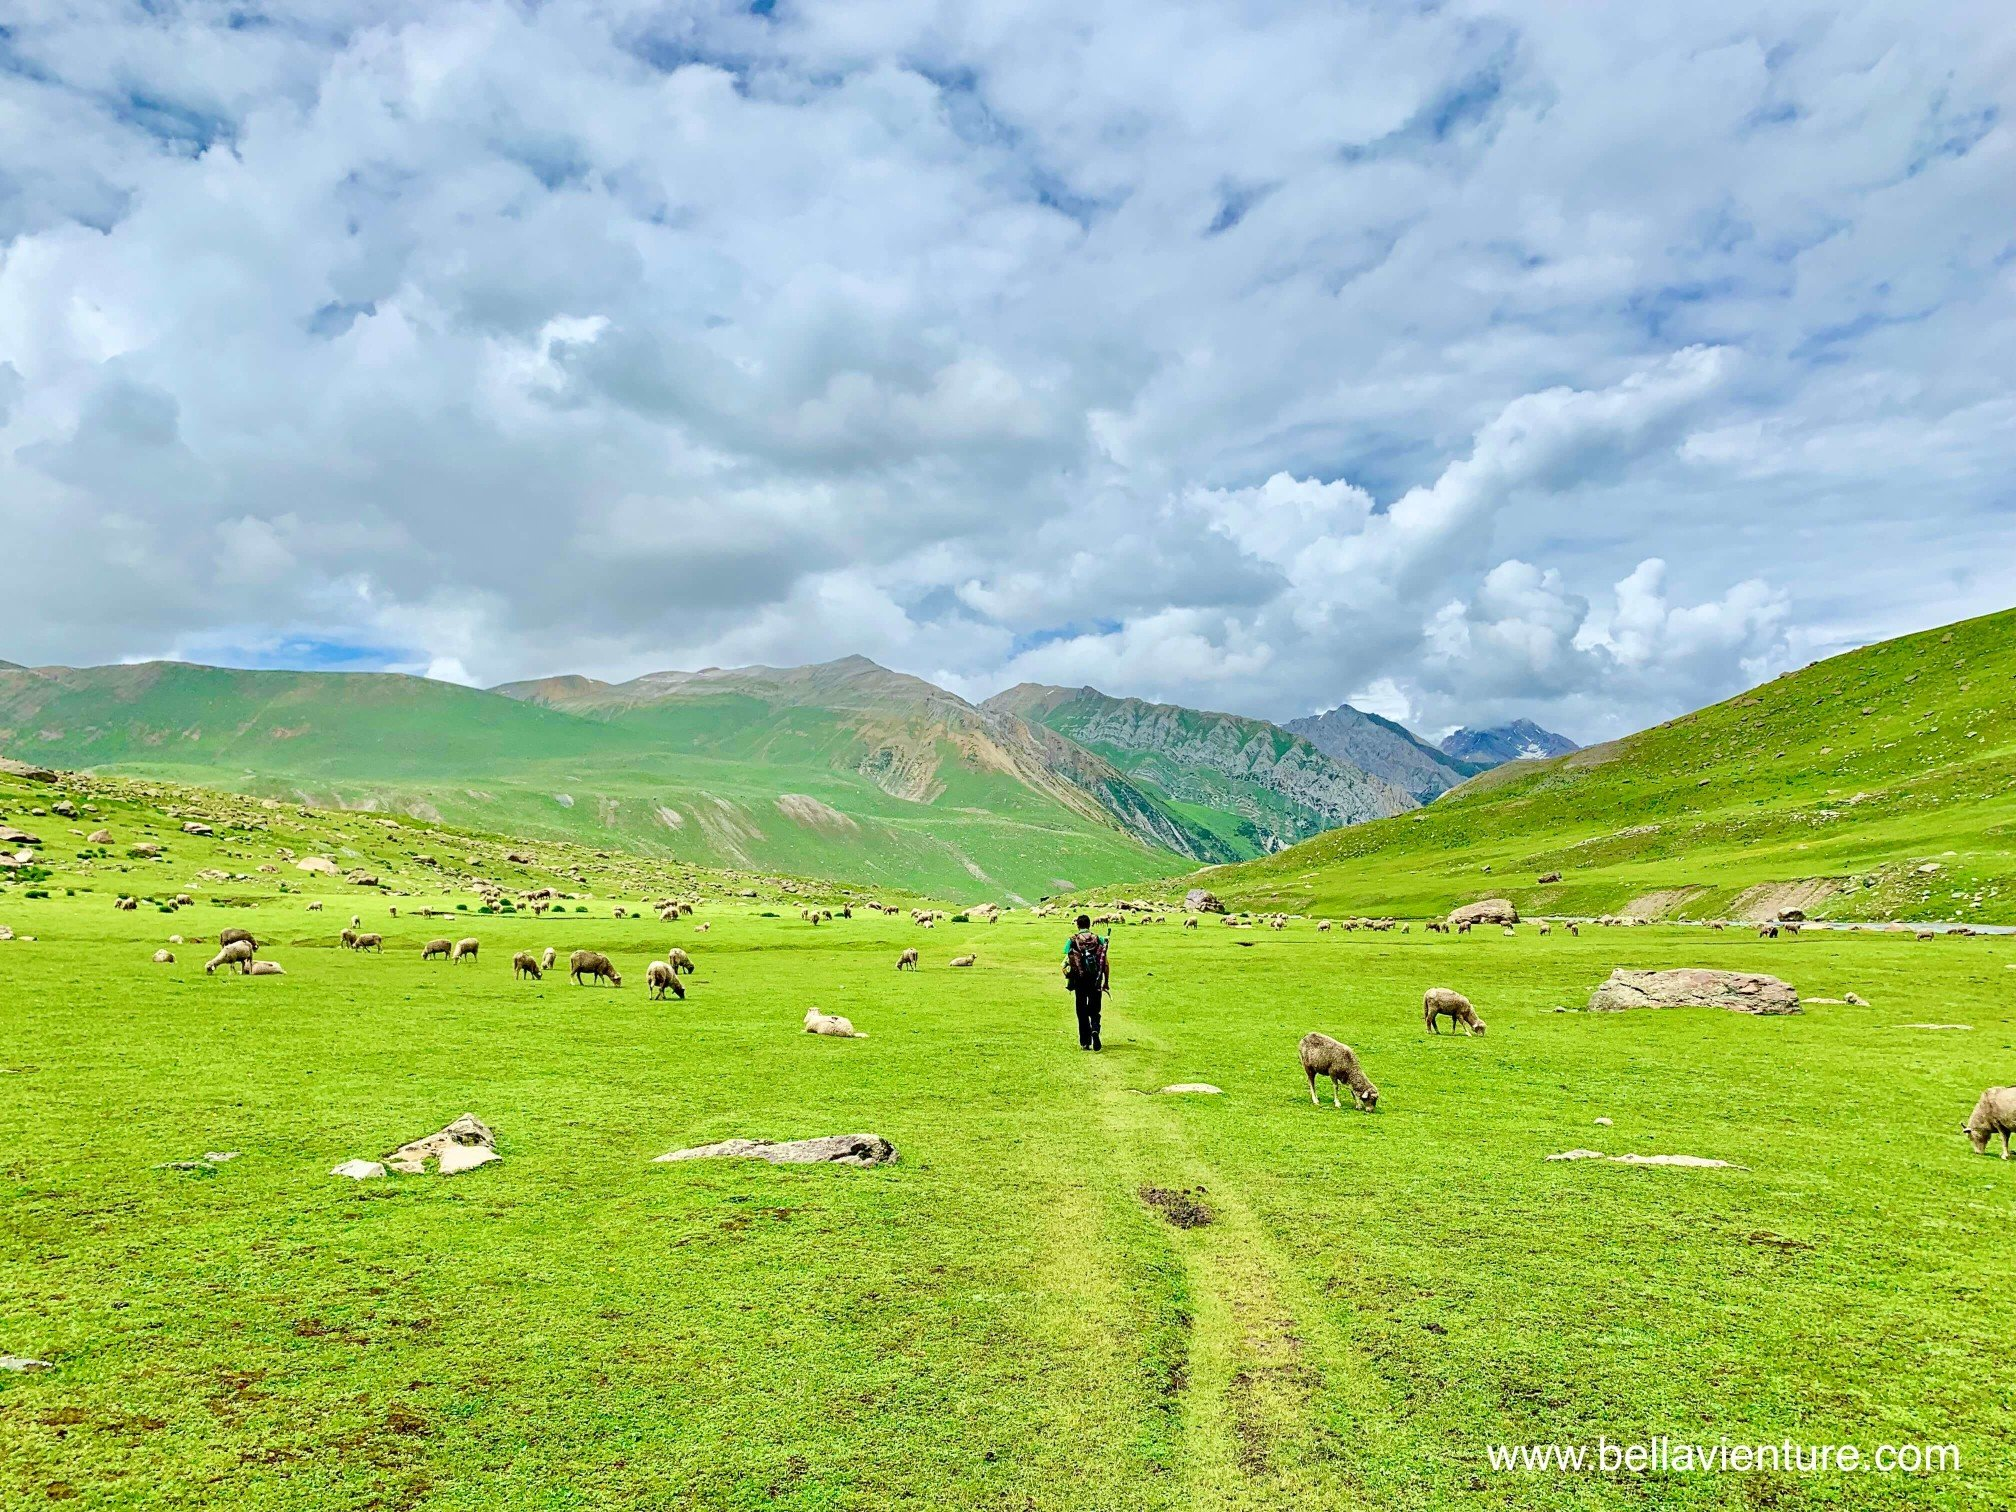 印度 India 北北印 North India 喀什米爾  Kashmir 八天七夜 健行 滿山谷的羊群